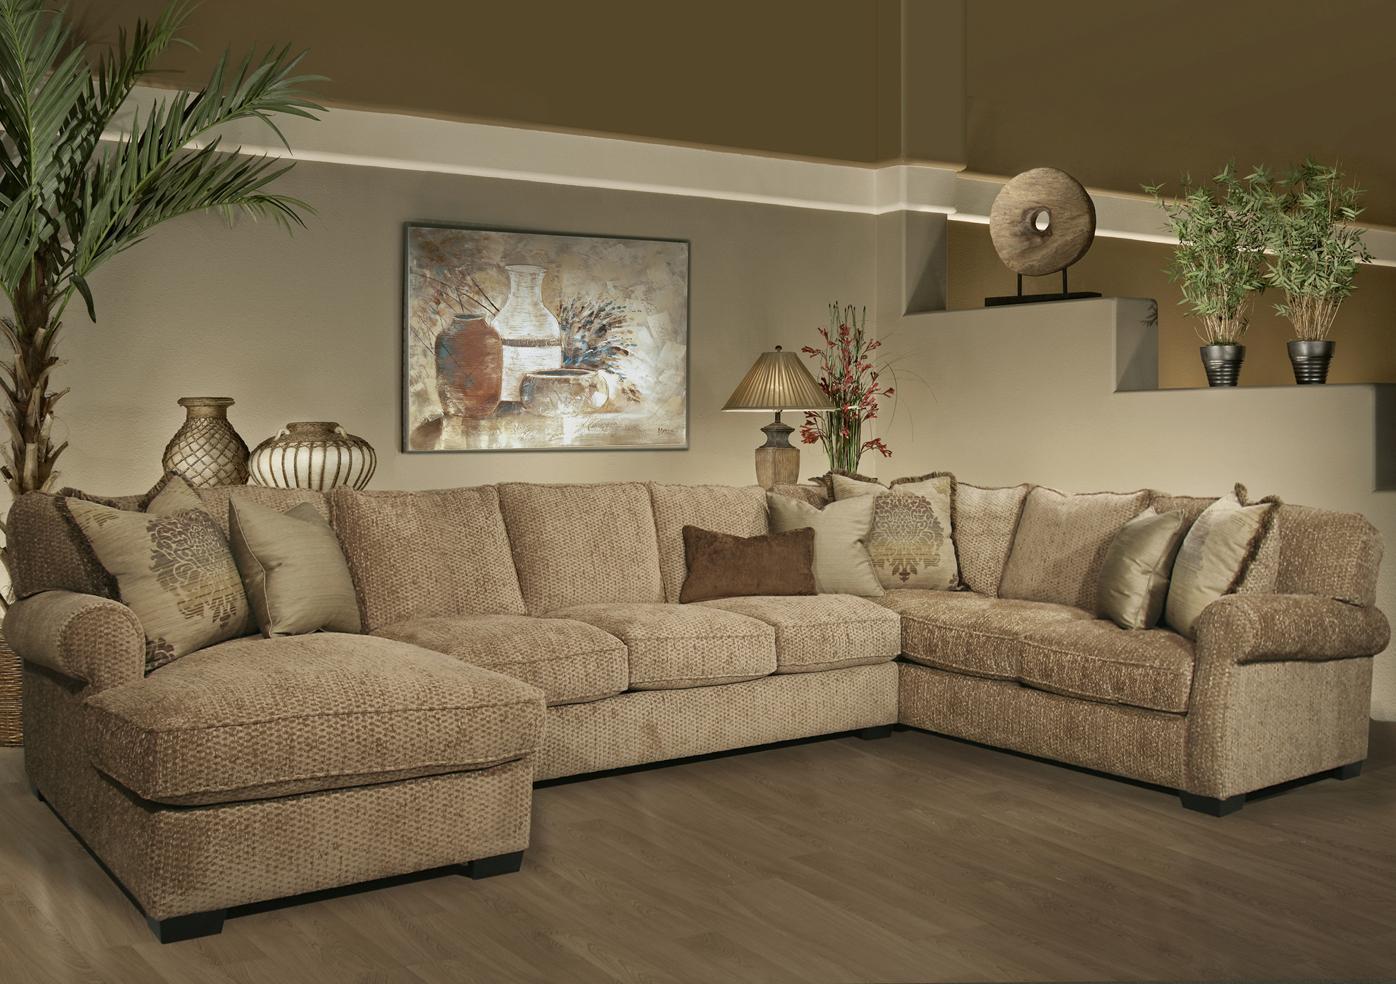 fairmont cooper sofa elliot microfiber designs scarlet fa d3534 03